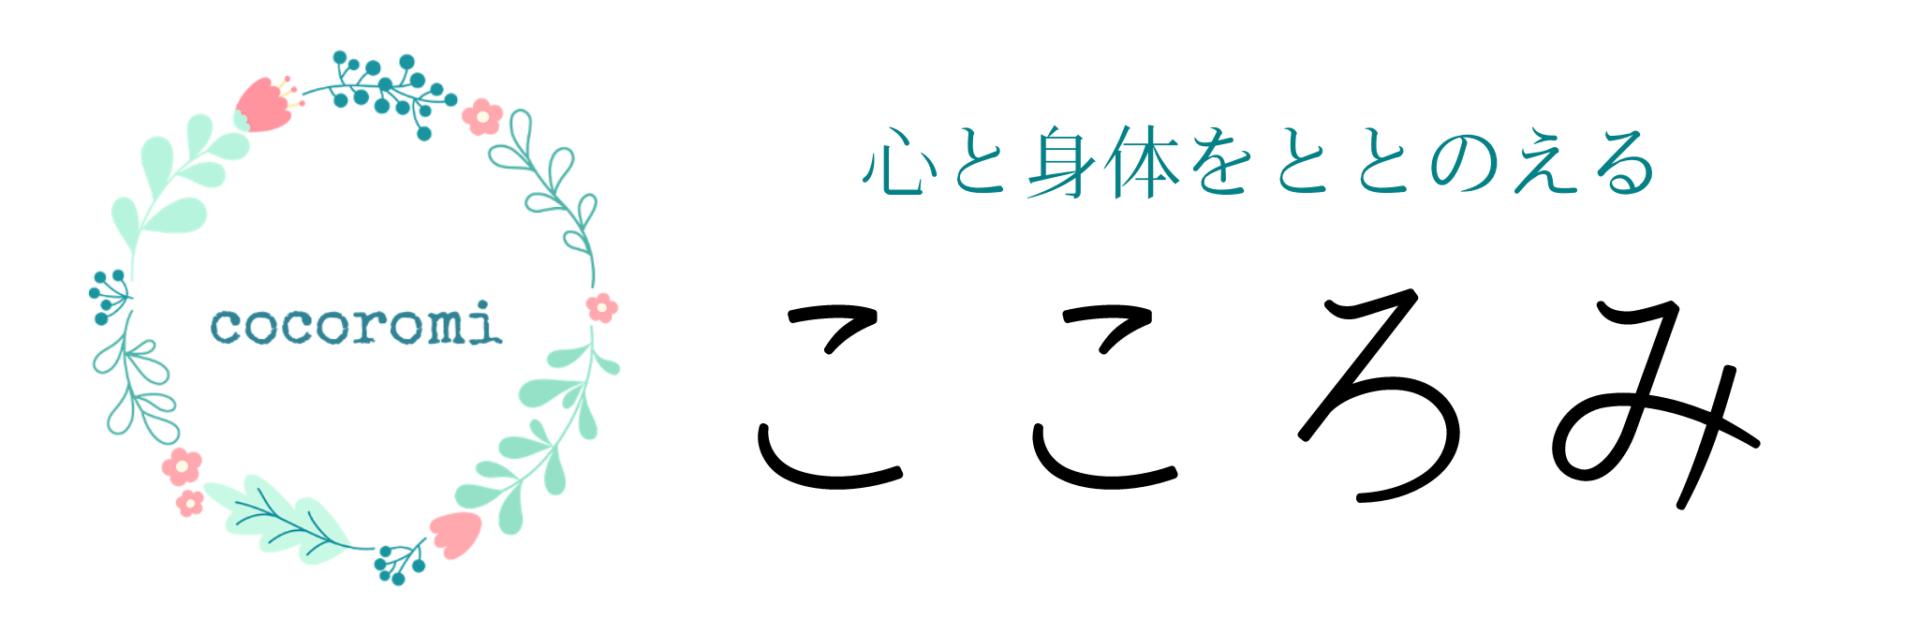 cocoromiヨガセラピー